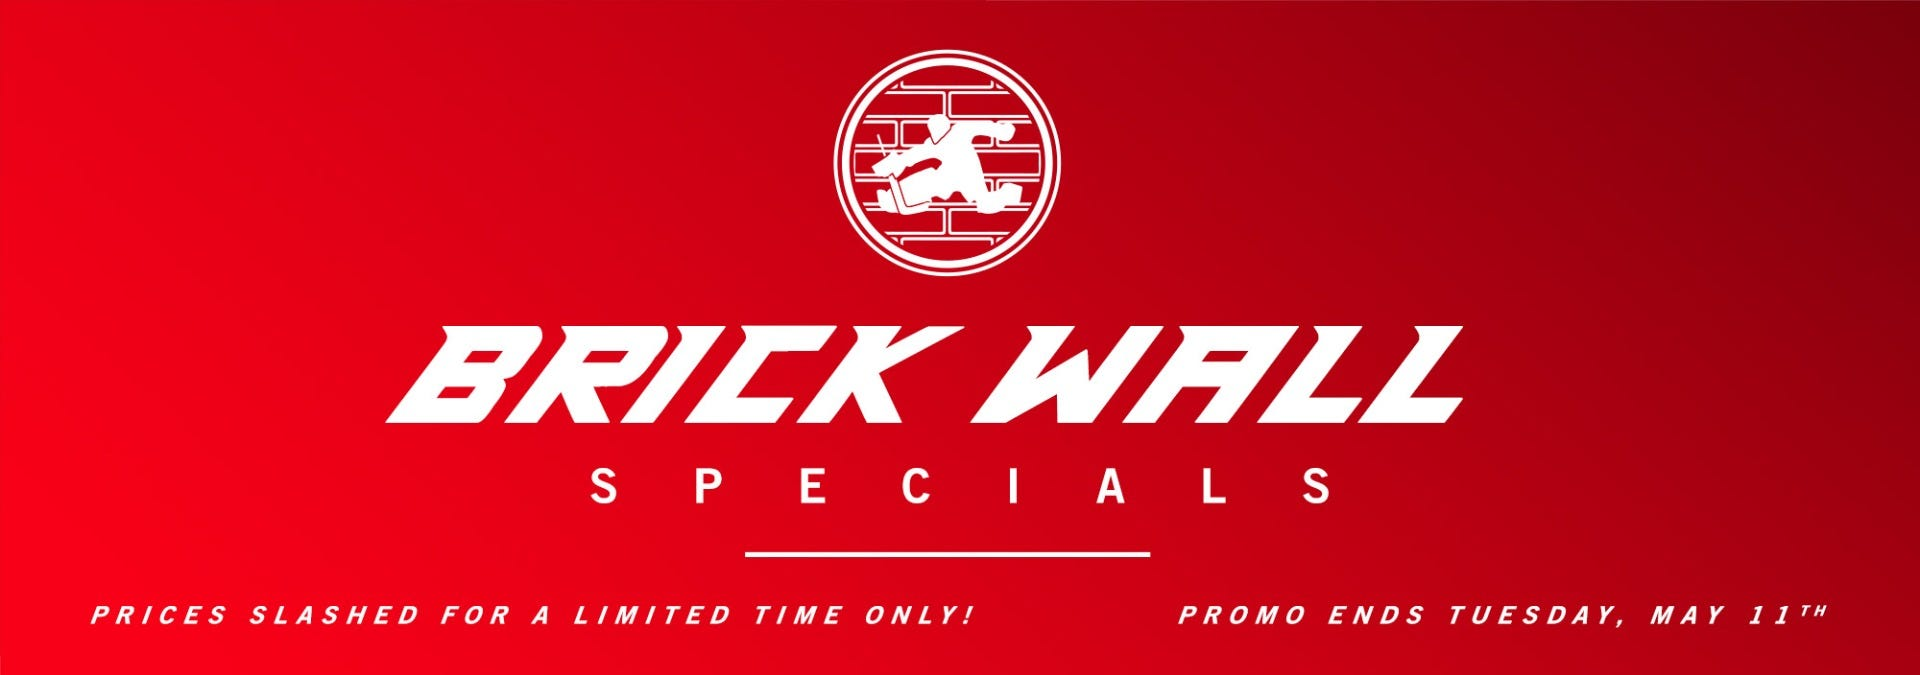 Brick Wall Specials - Stop Pucks and Save Bucks!